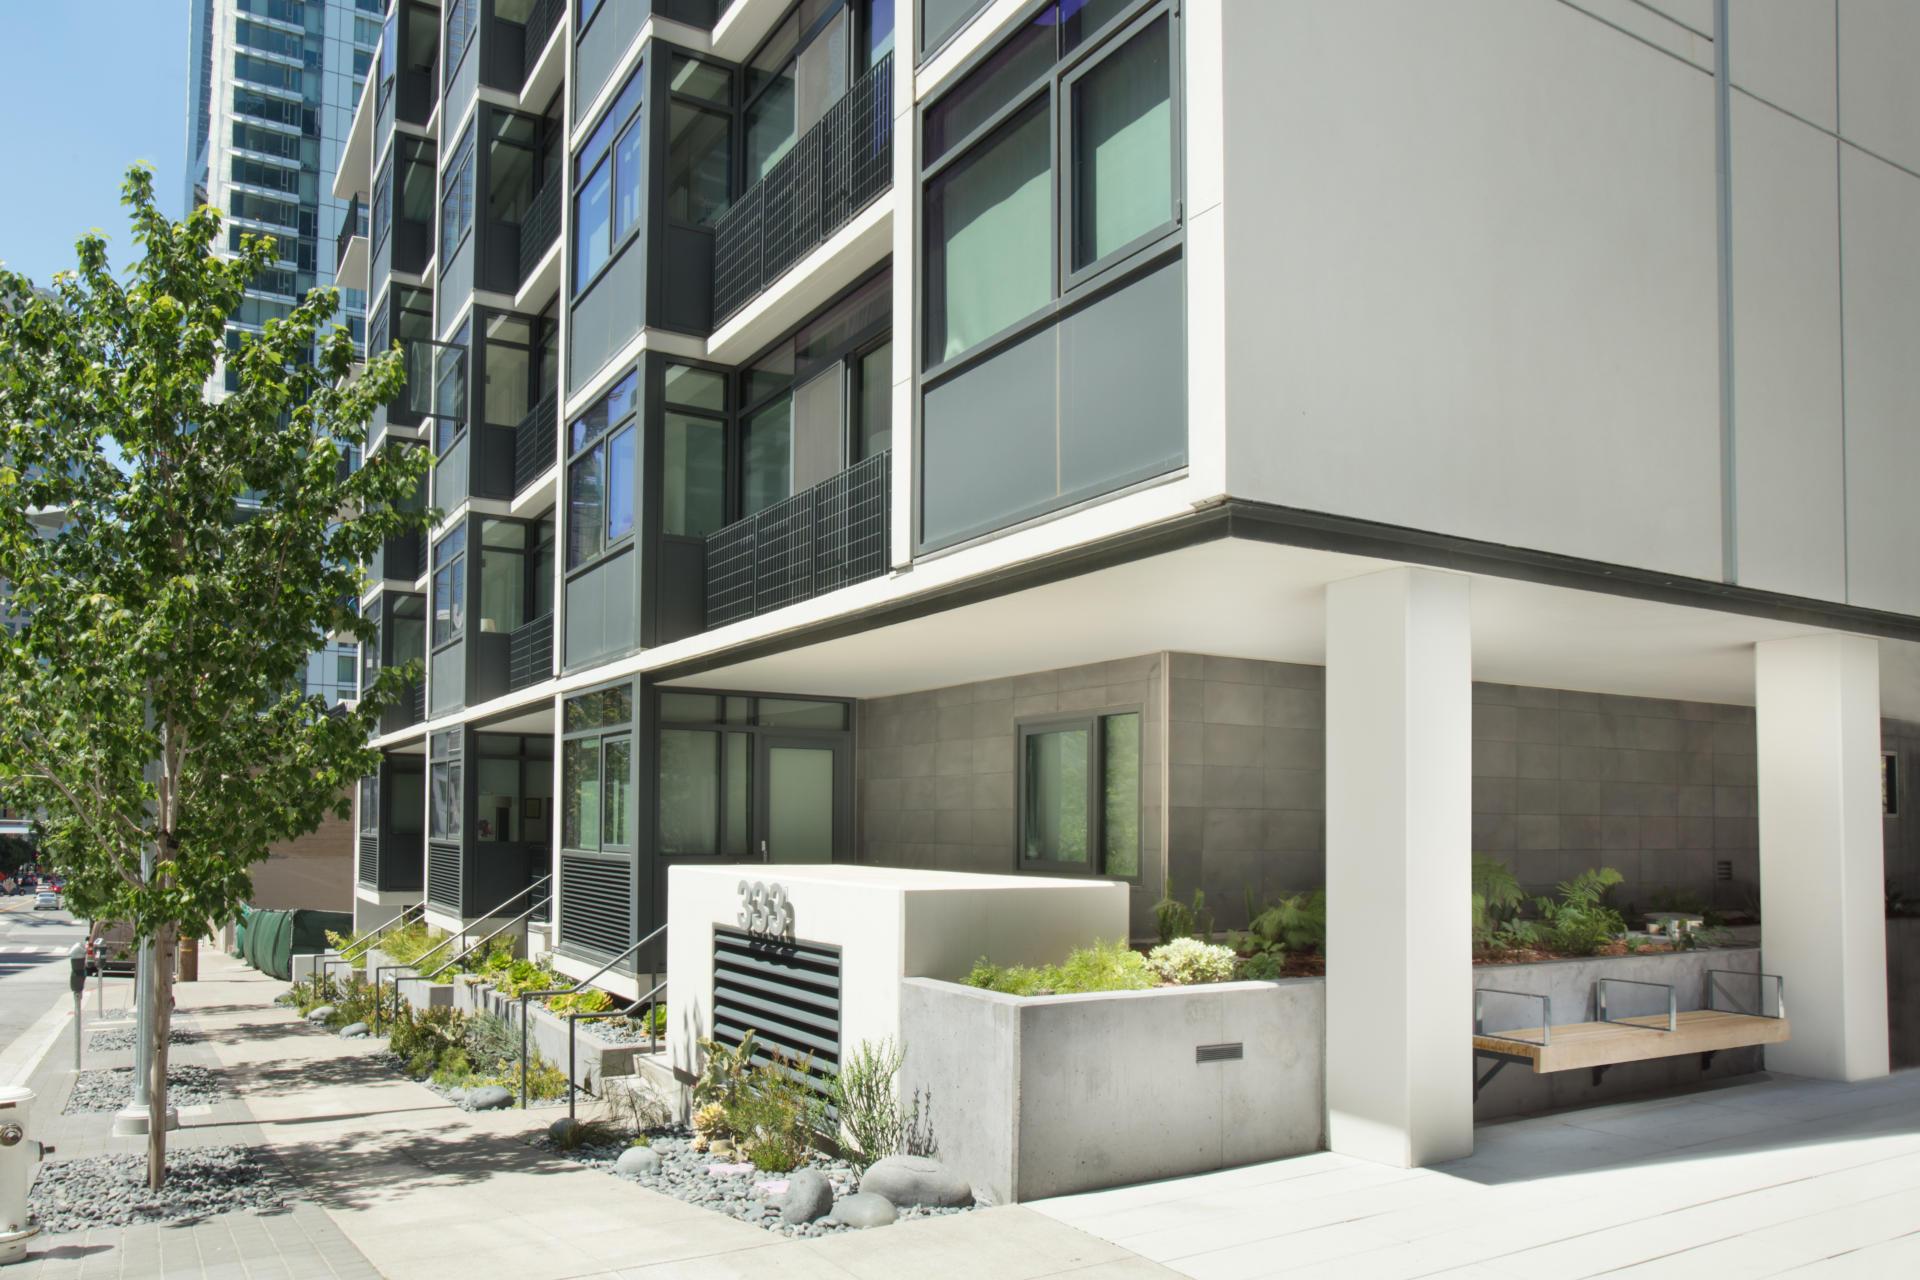 333Fremont_exterior_building_04_v2_1